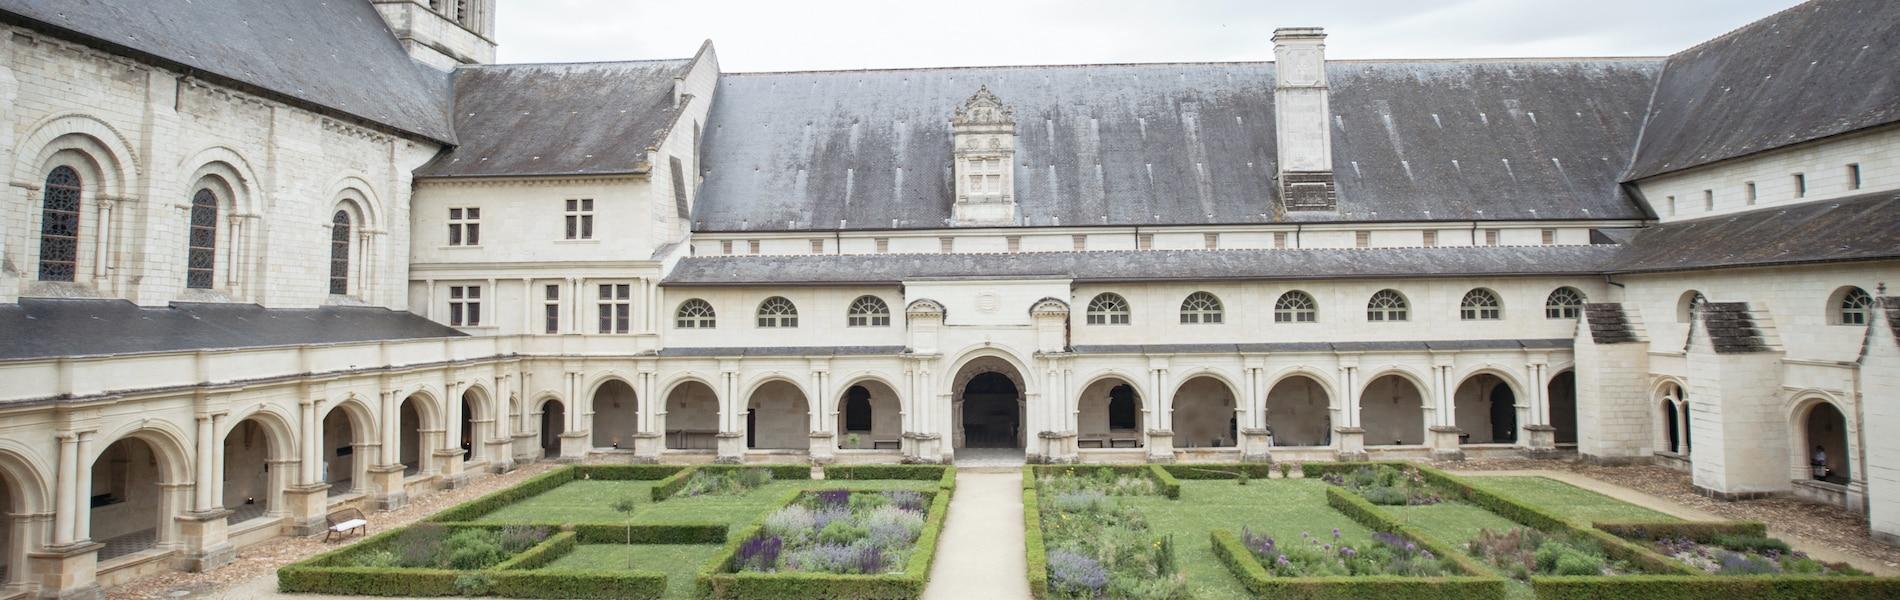 seminaire abbaye